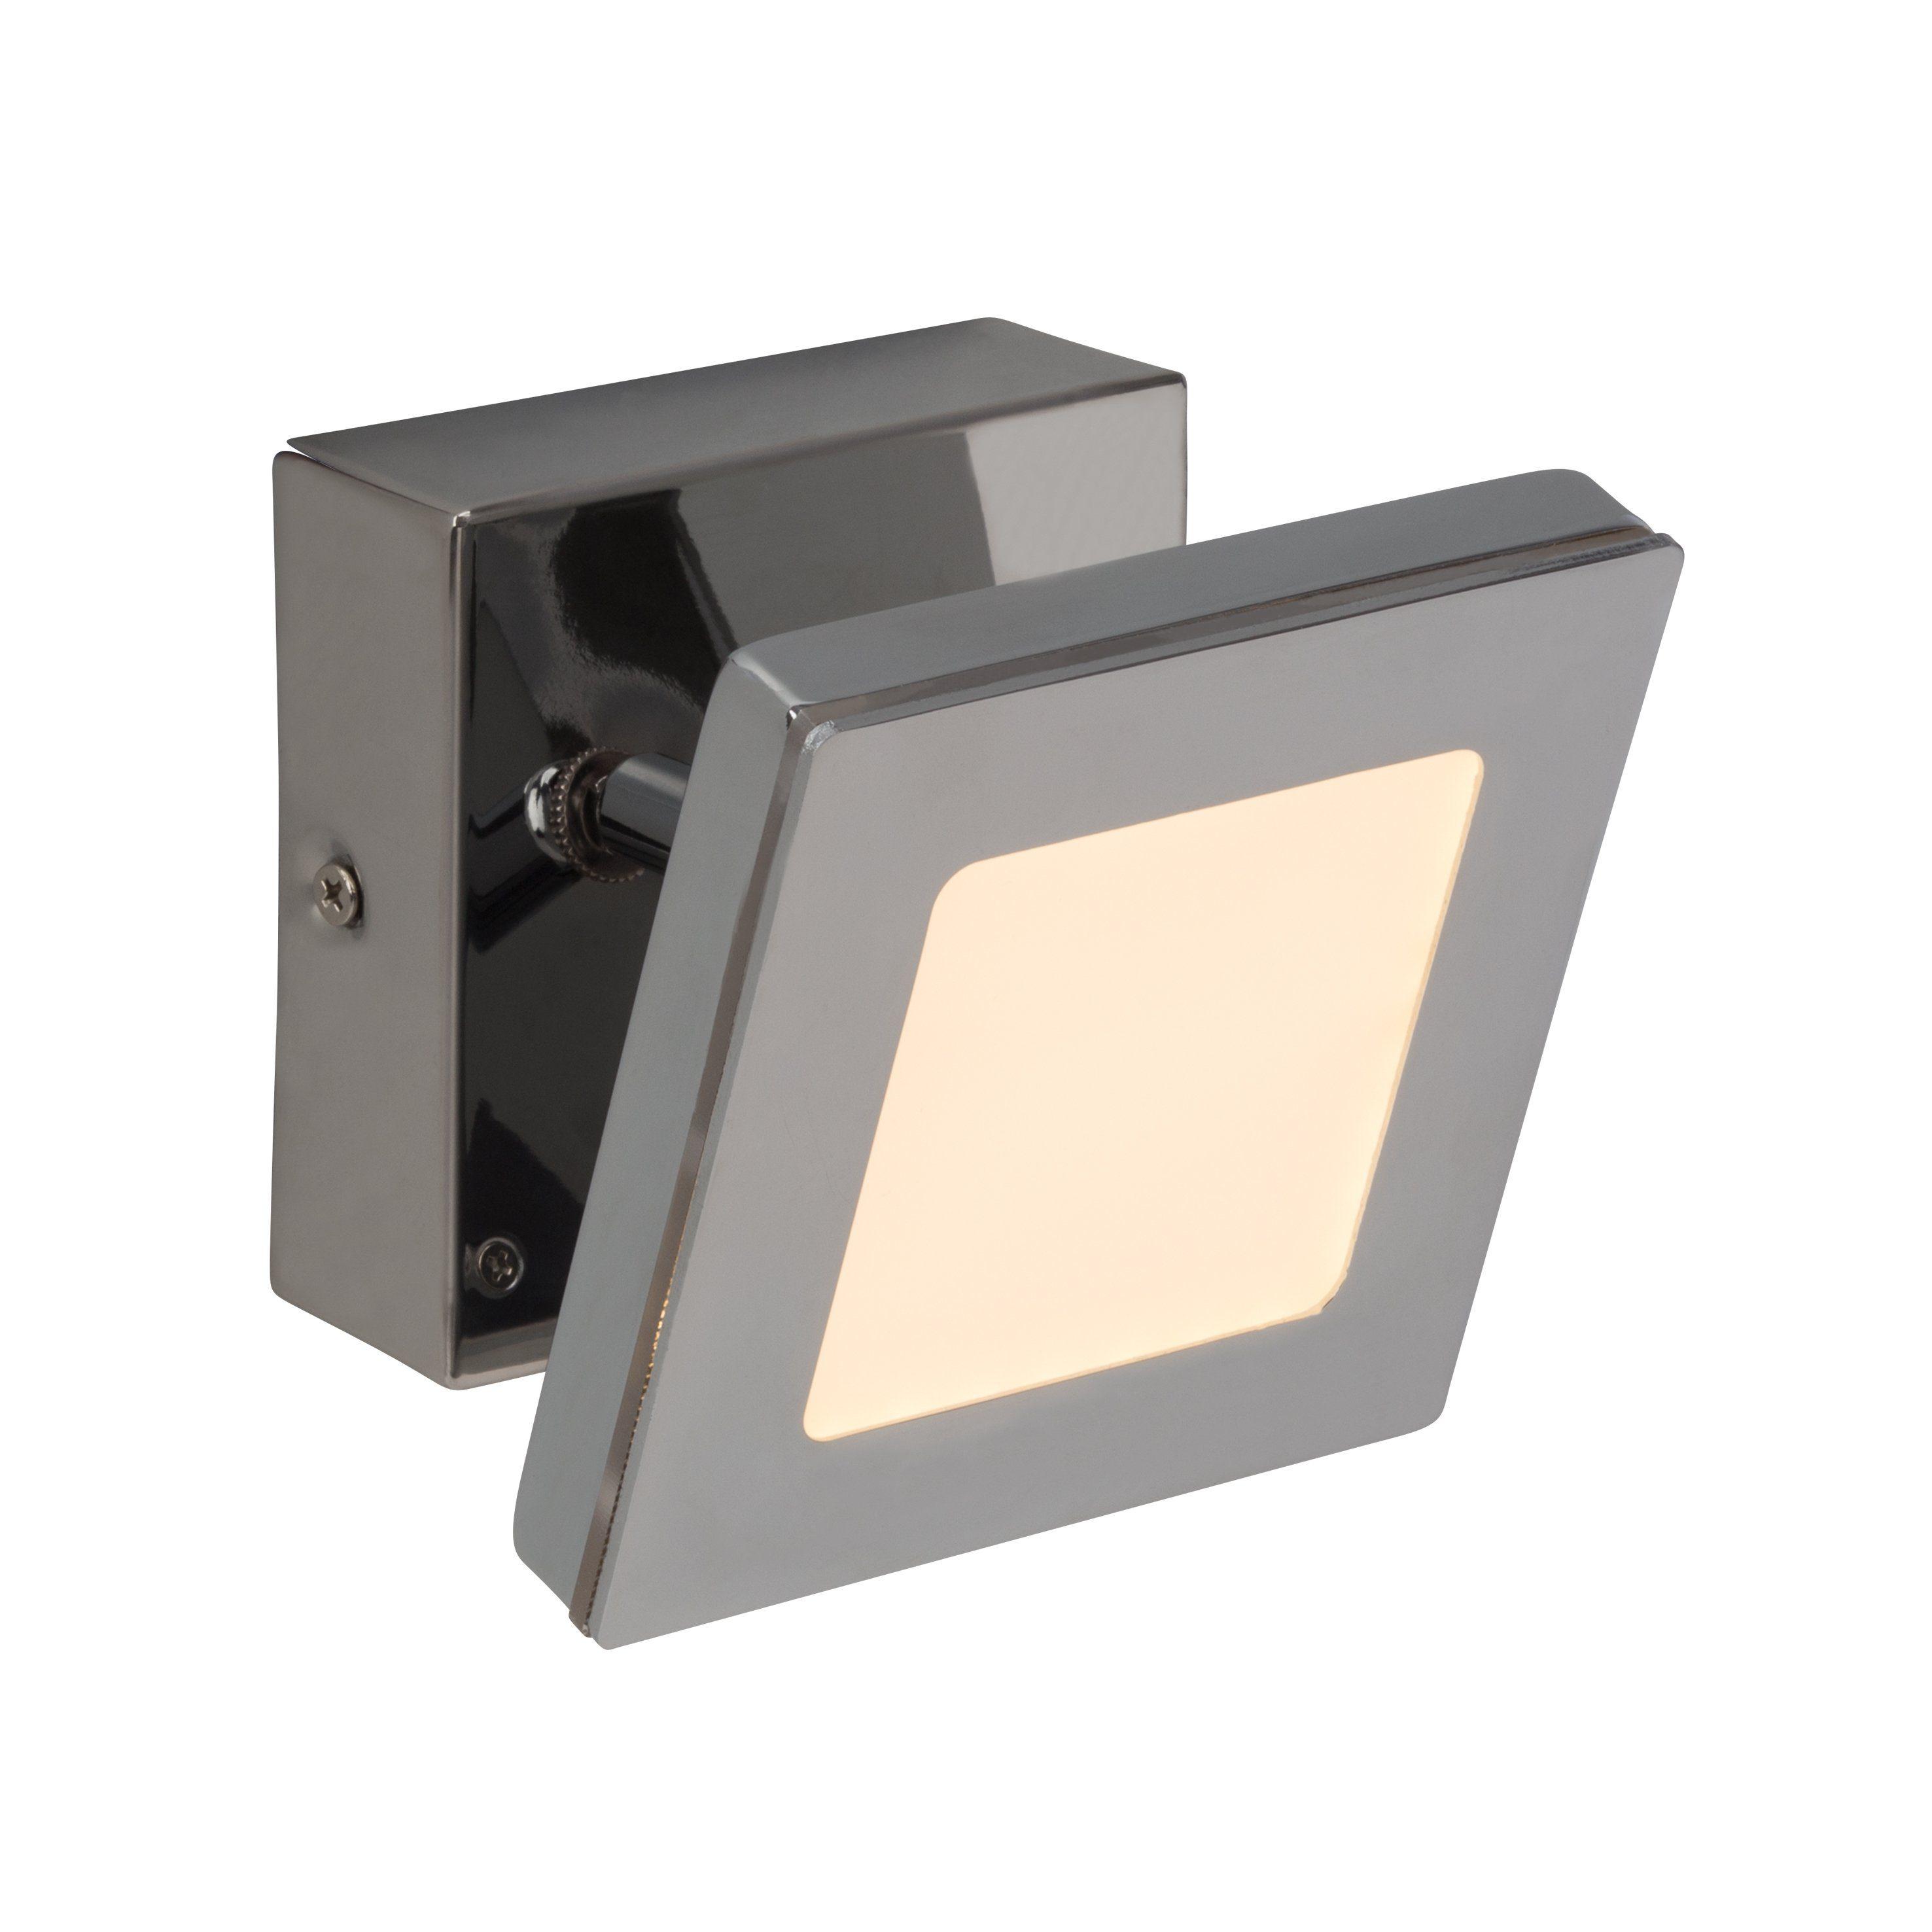 Brilliant Leuchten Sense Square LED Wandspot chrom